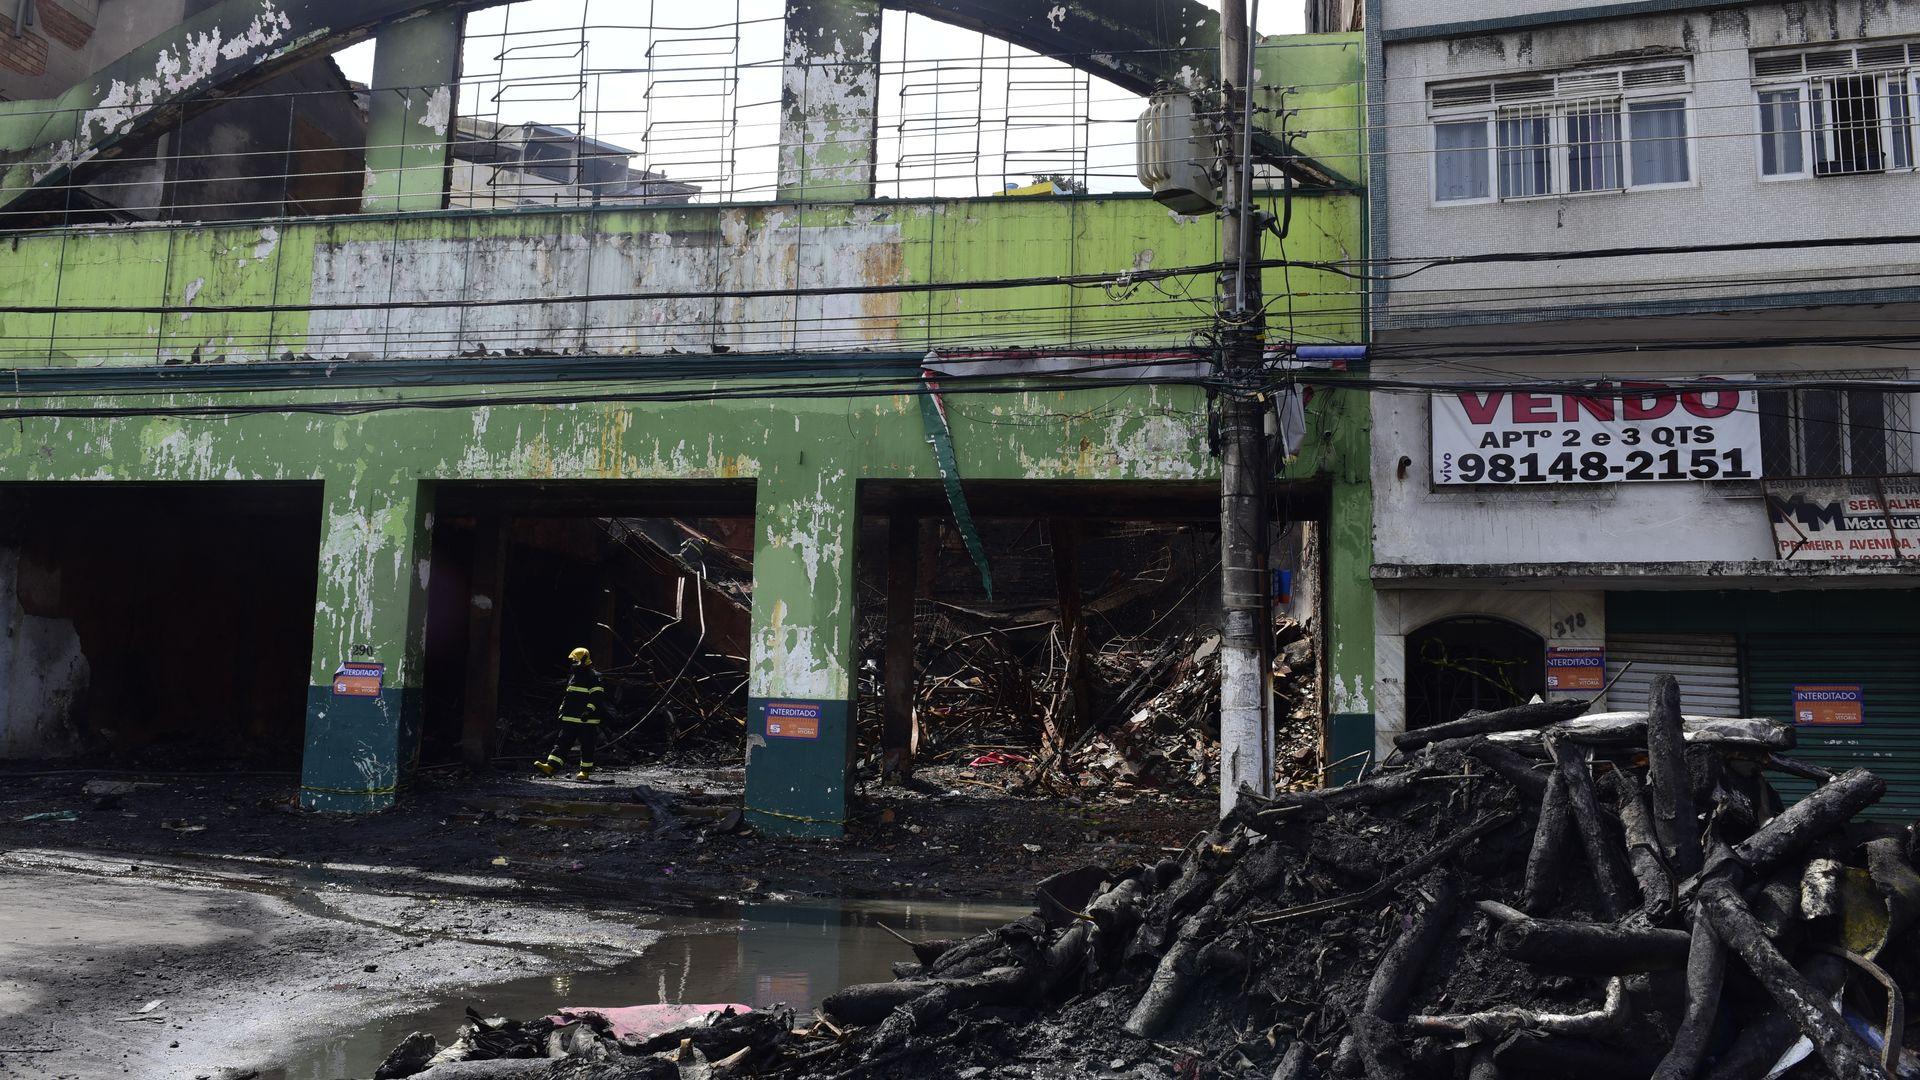 Data: 23/09/2019 - ES - Vitória - Incêndio que destruiu o depósito da loja Alves e couros na Vila Rubim - Editoria: Cidades - Foto: Ricardo Medeiros - GZ